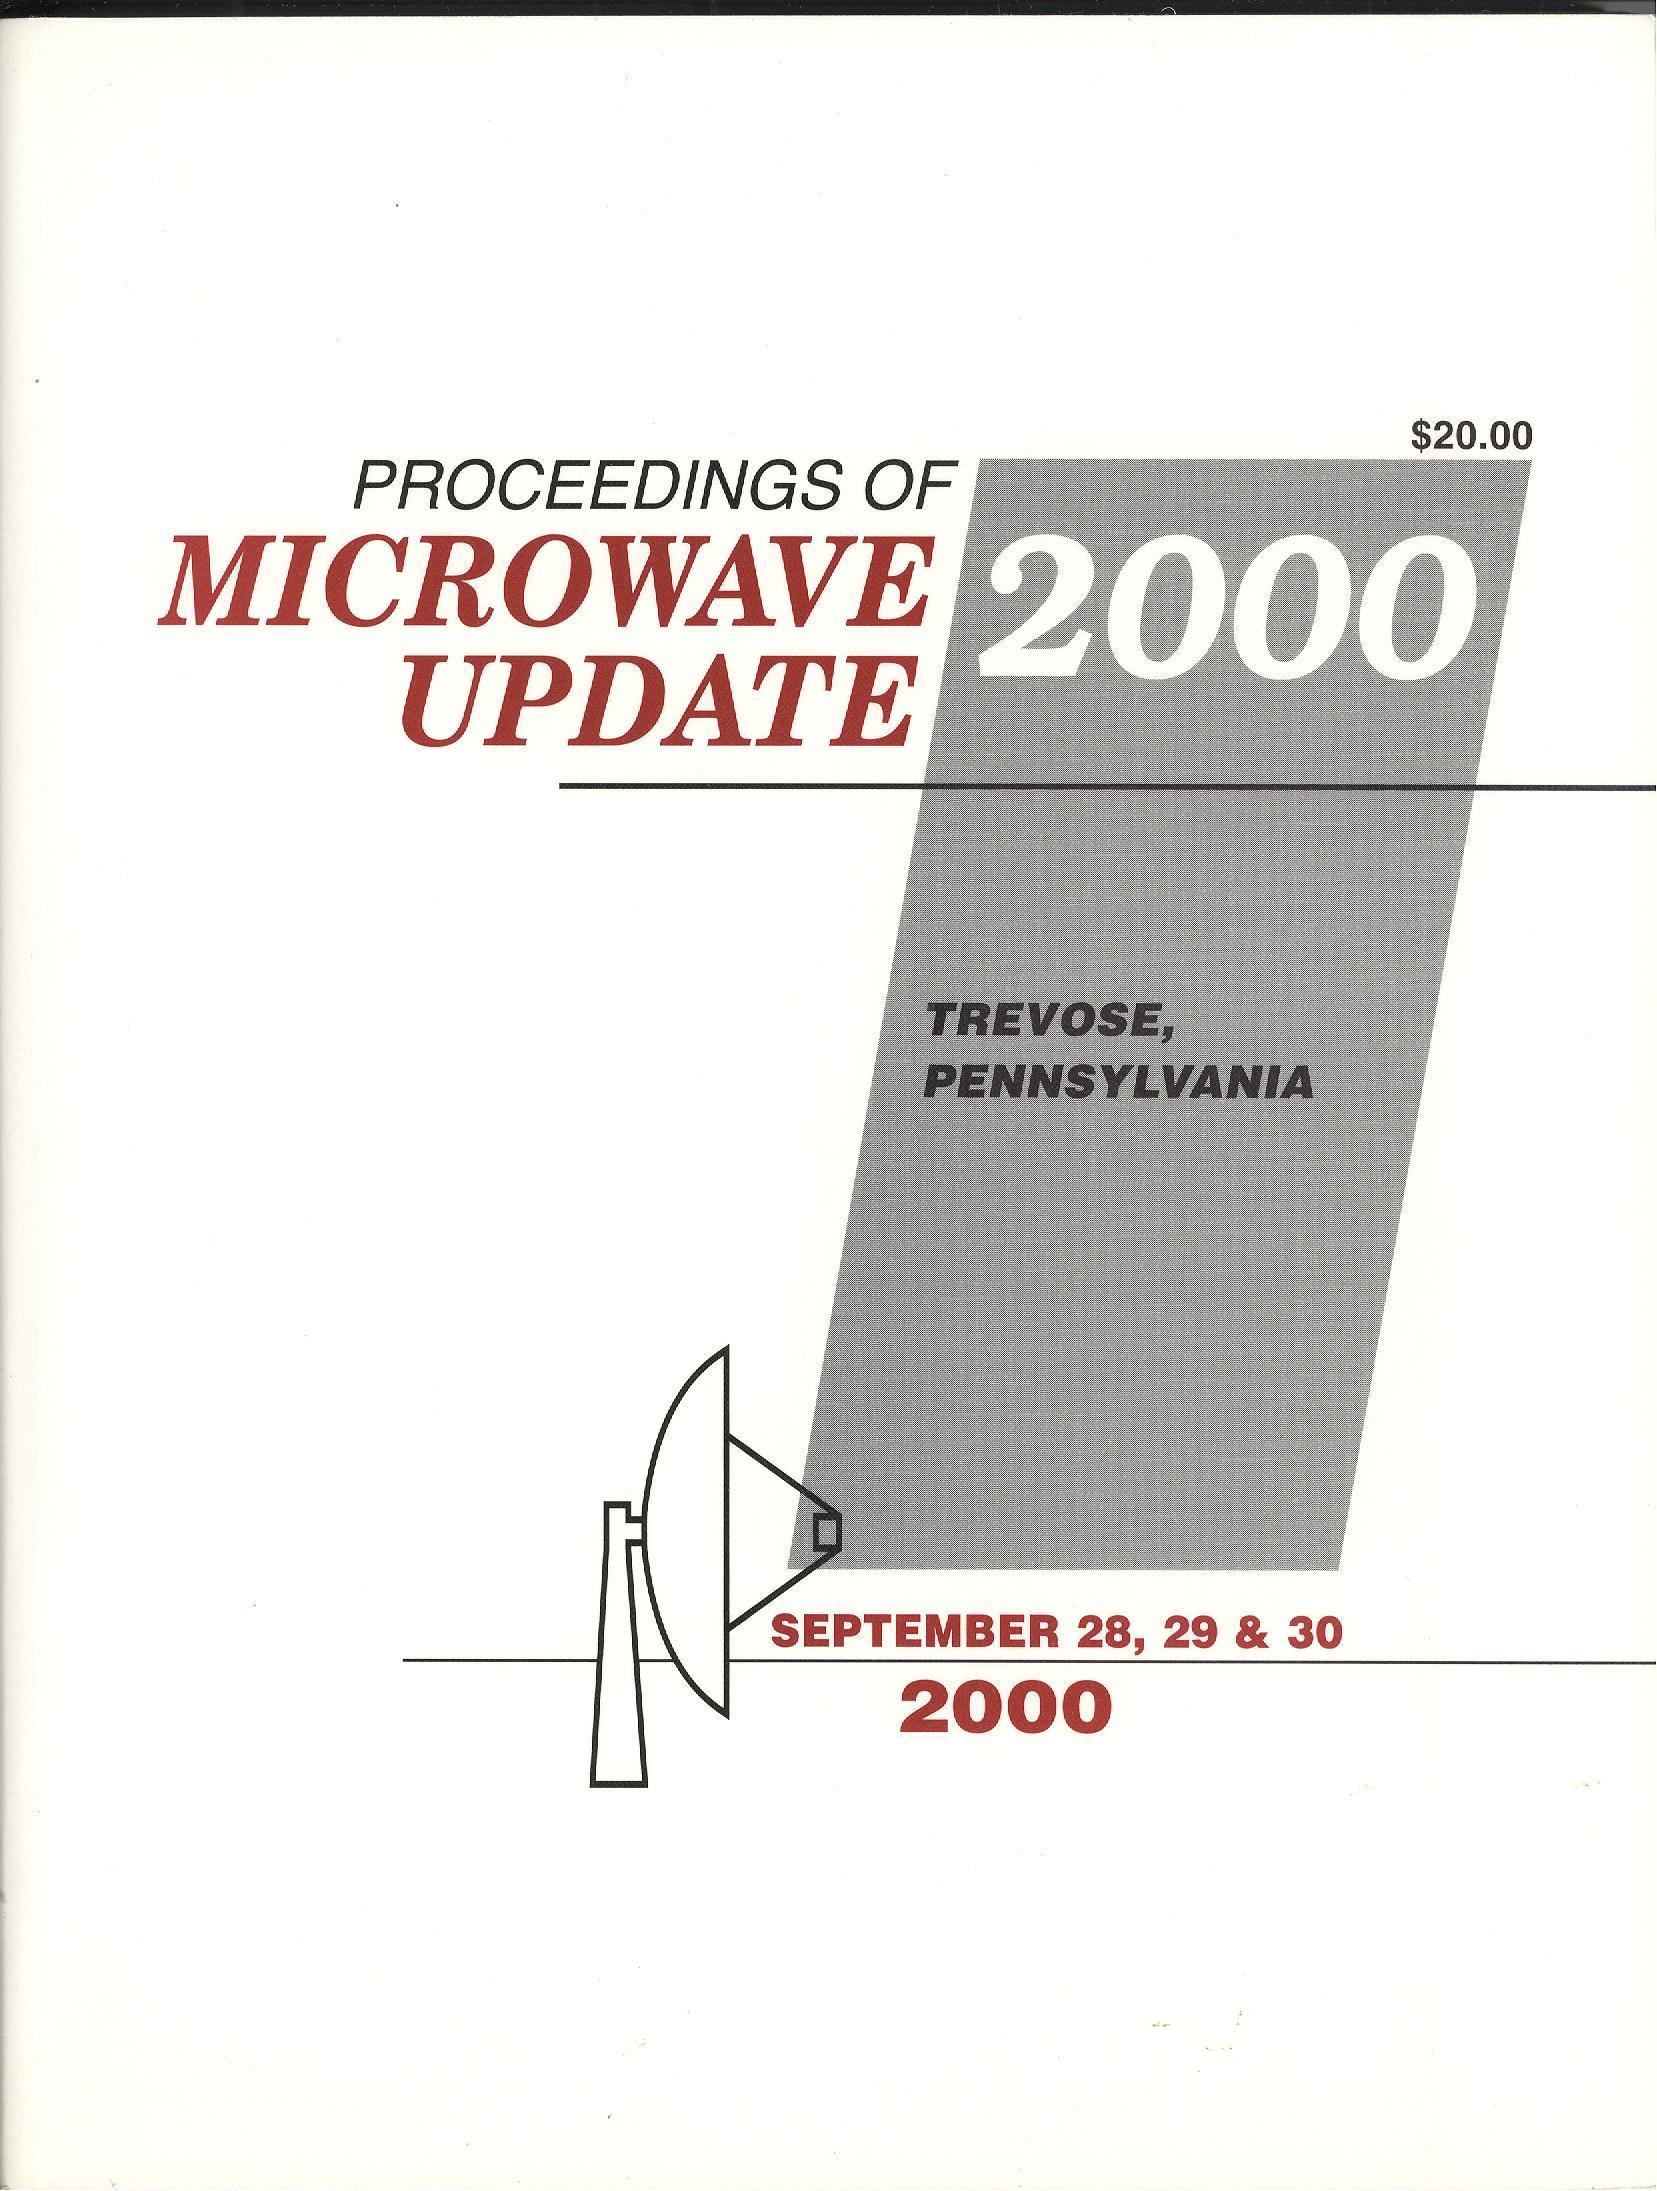 Proceedings of Microwave Update 2000